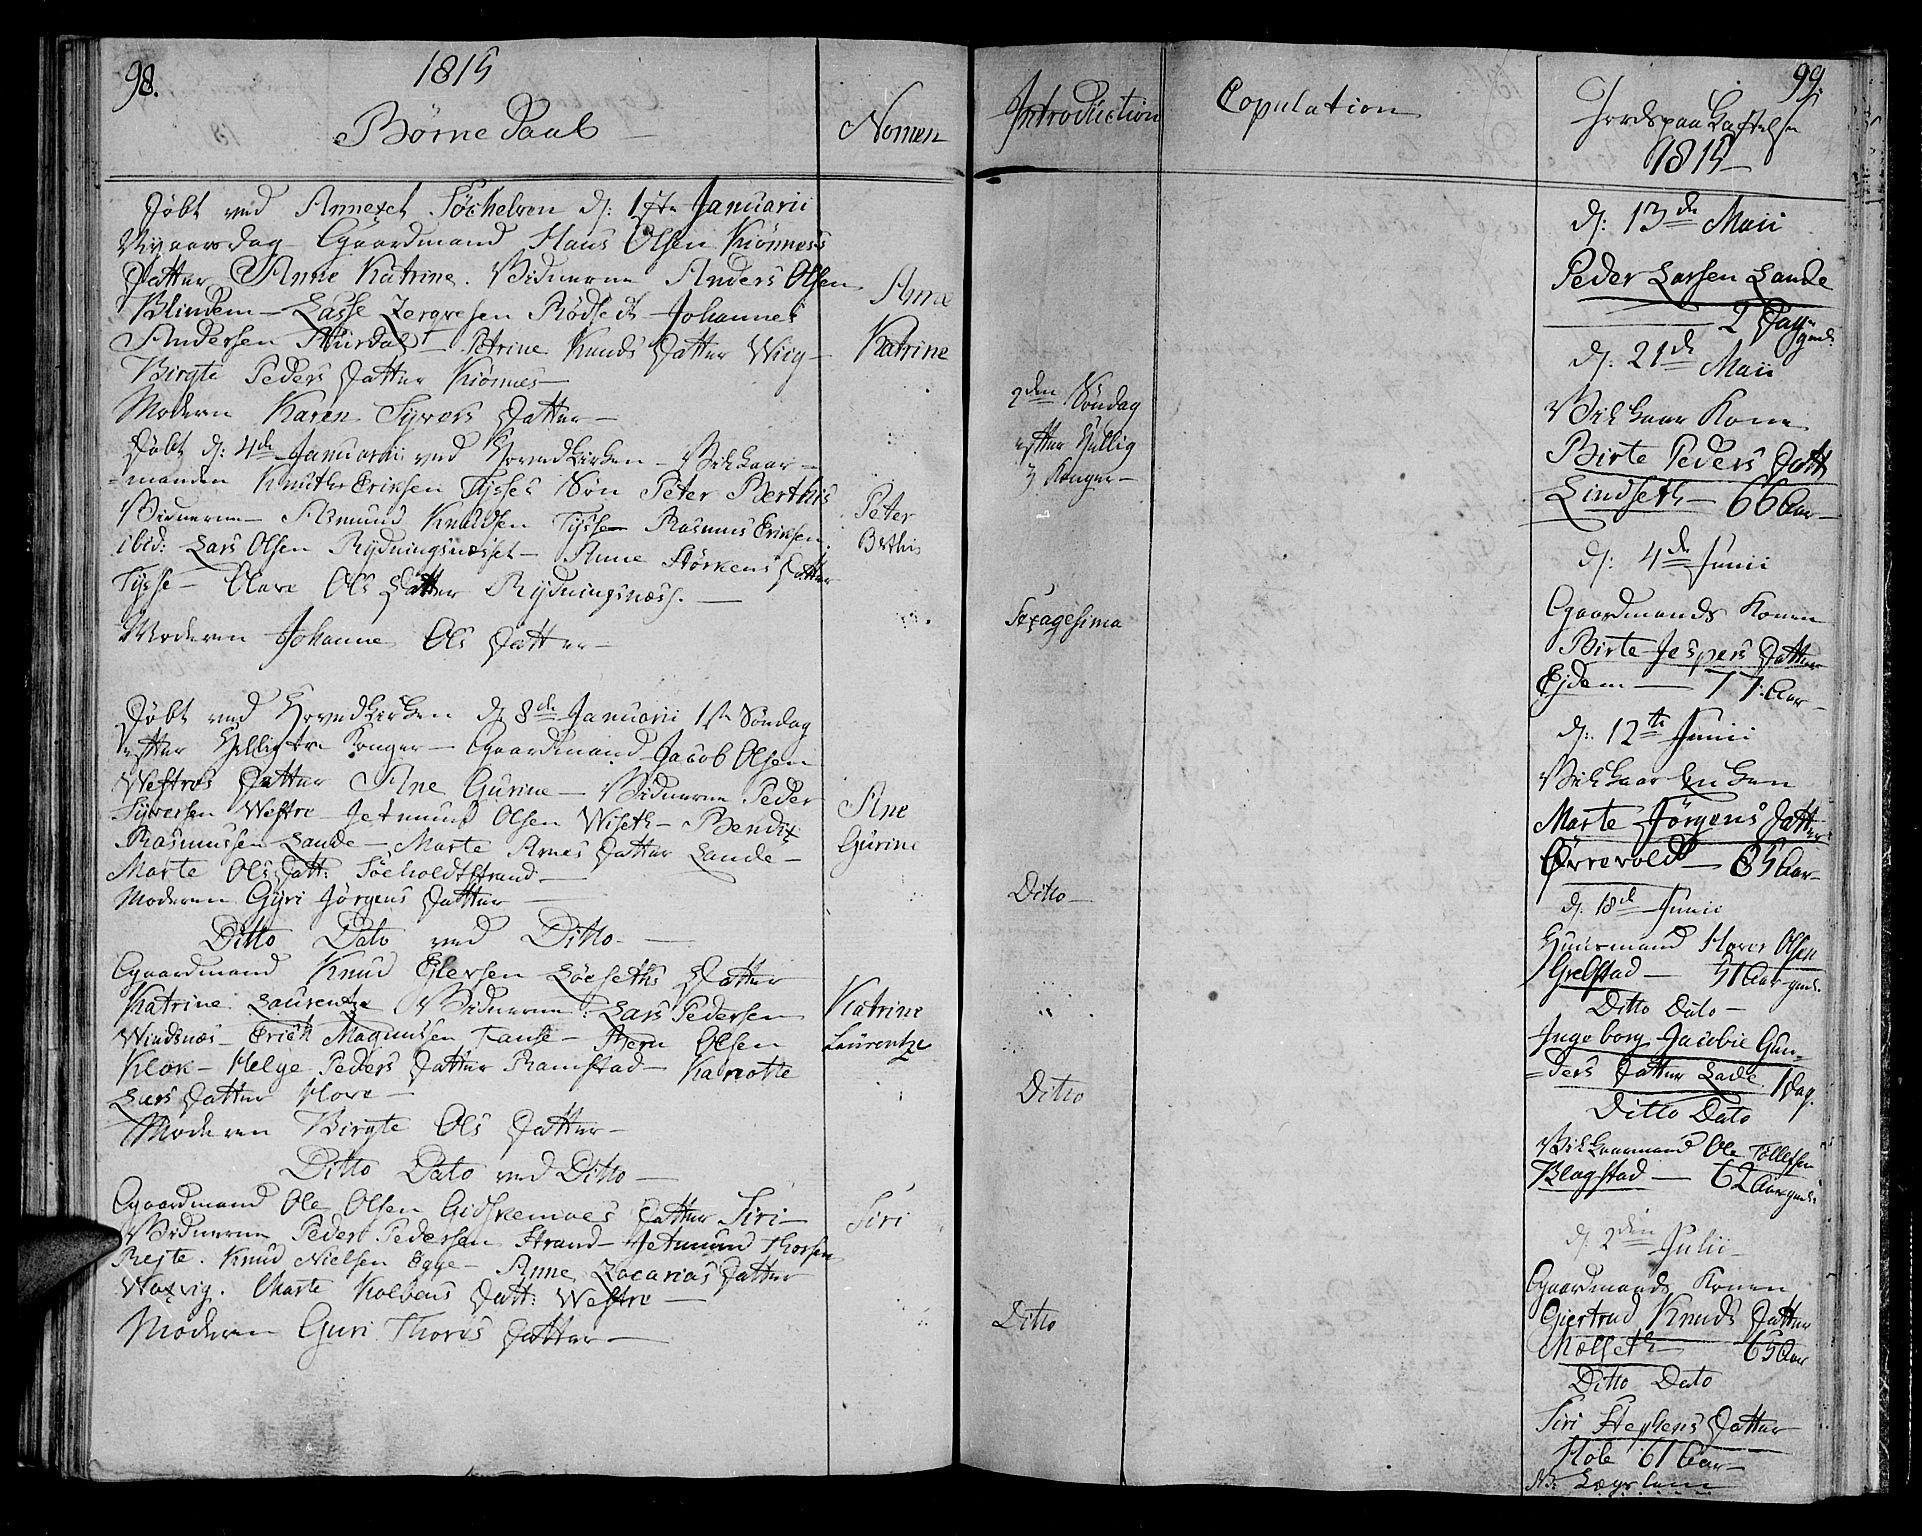 SAT, Ministerialprotokoller, klokkerbøker og fødselsregistre - Møre og Romsdal, 522/L0309: Ministerialbok nr. 522A04, 1810-1816, s. 98-99